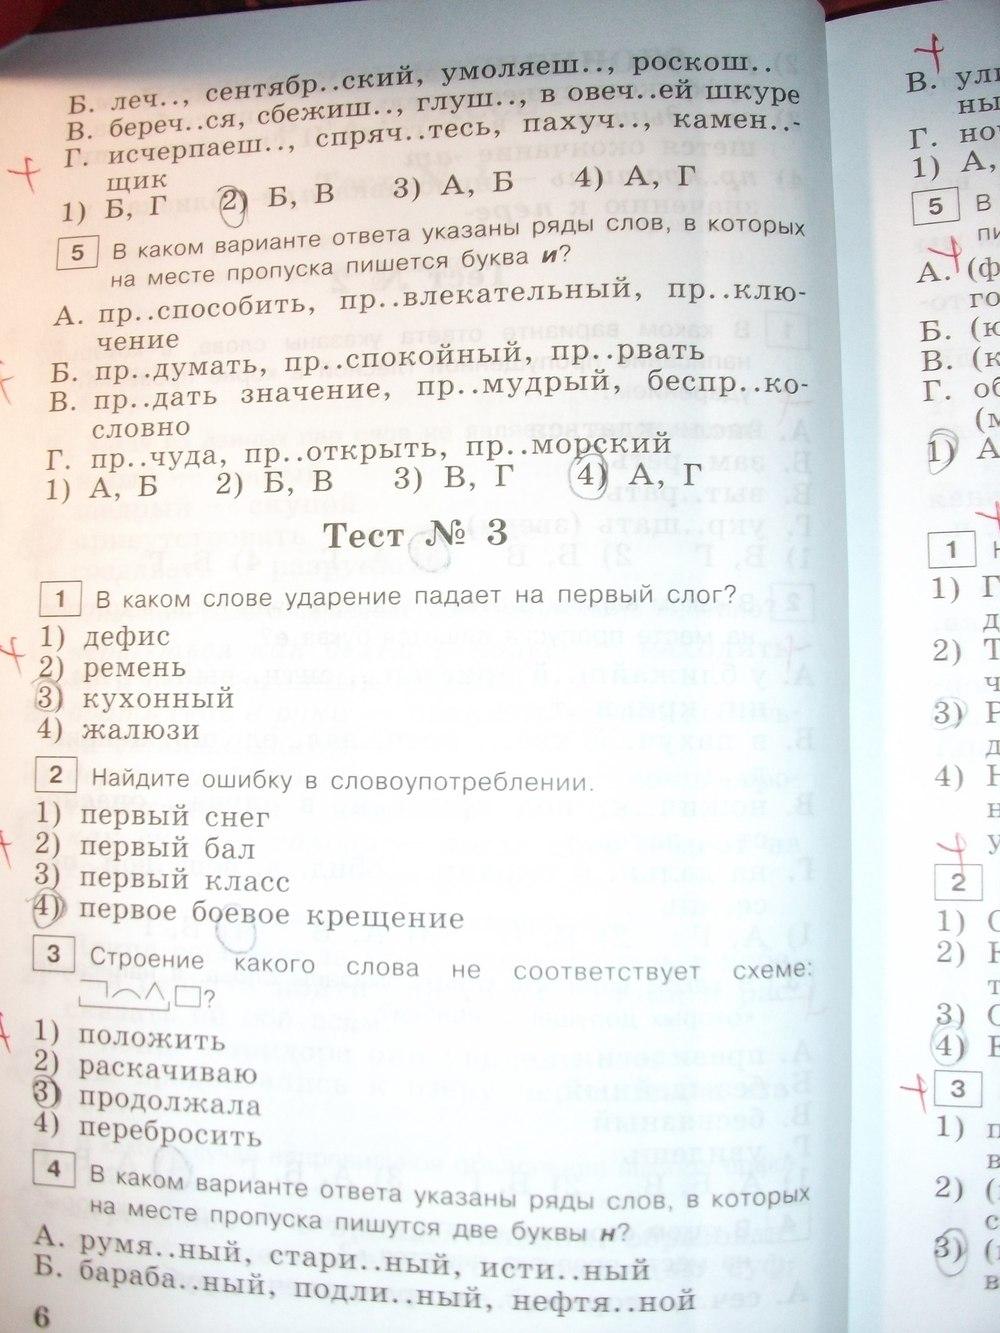 Г.а.богданова ответы 7 класс